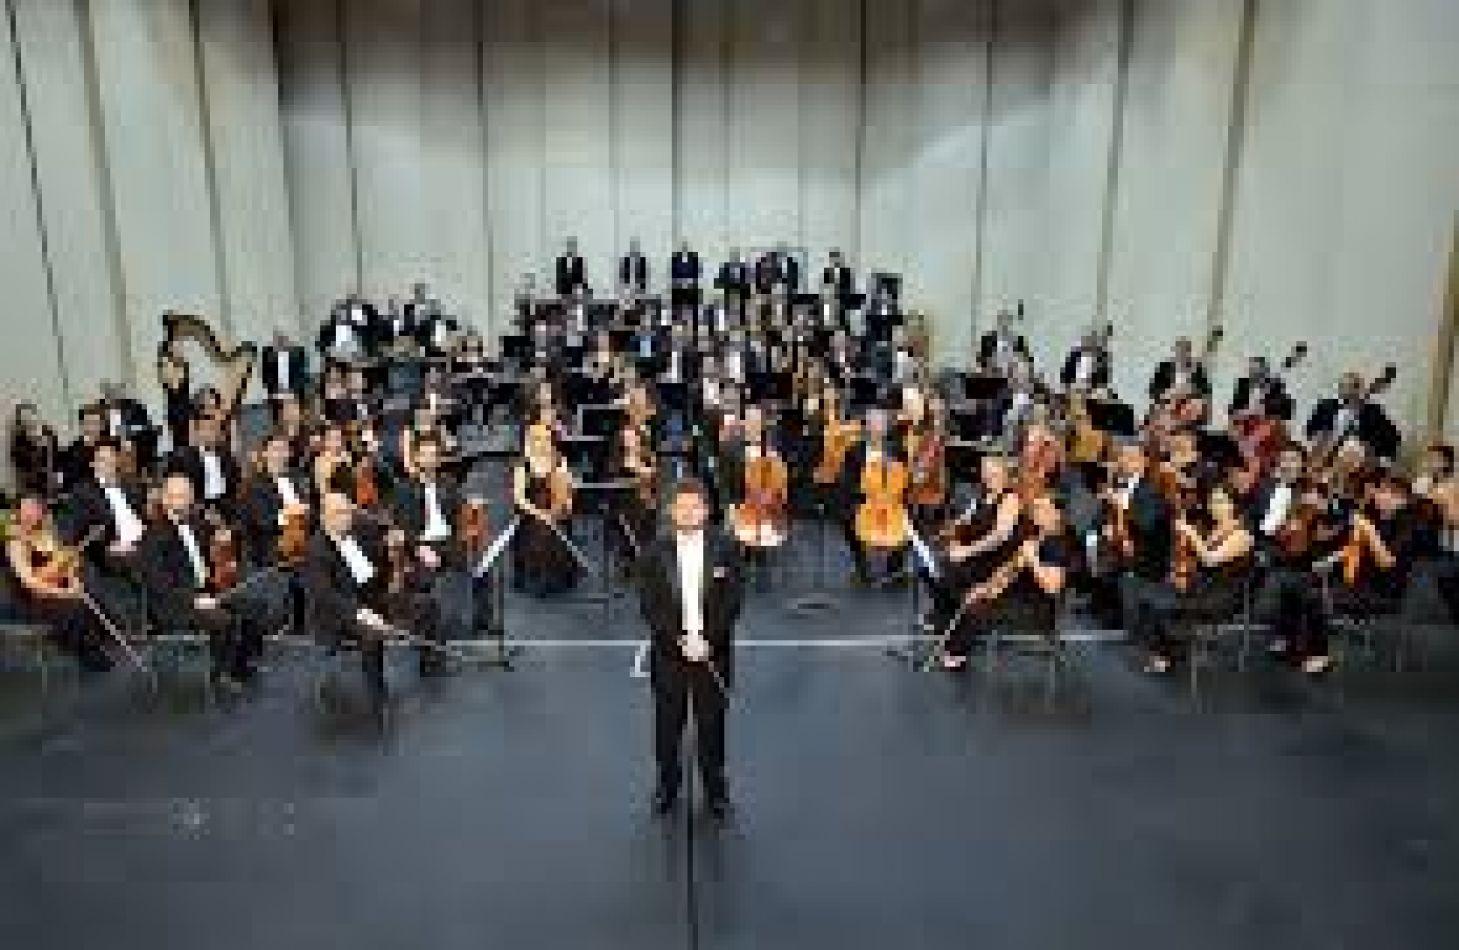 La Orquesta Sinfónica actúa el jueves 13